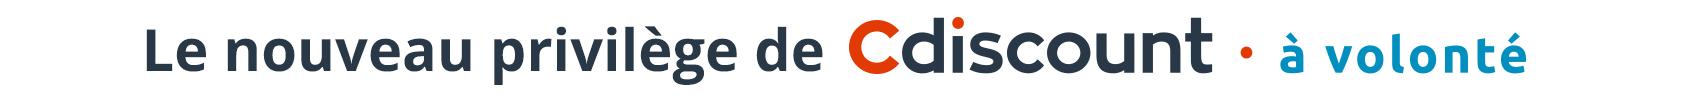 Cdiscount à Volonté : le nouvel avantage Presse en ligne gratuite et illimitée